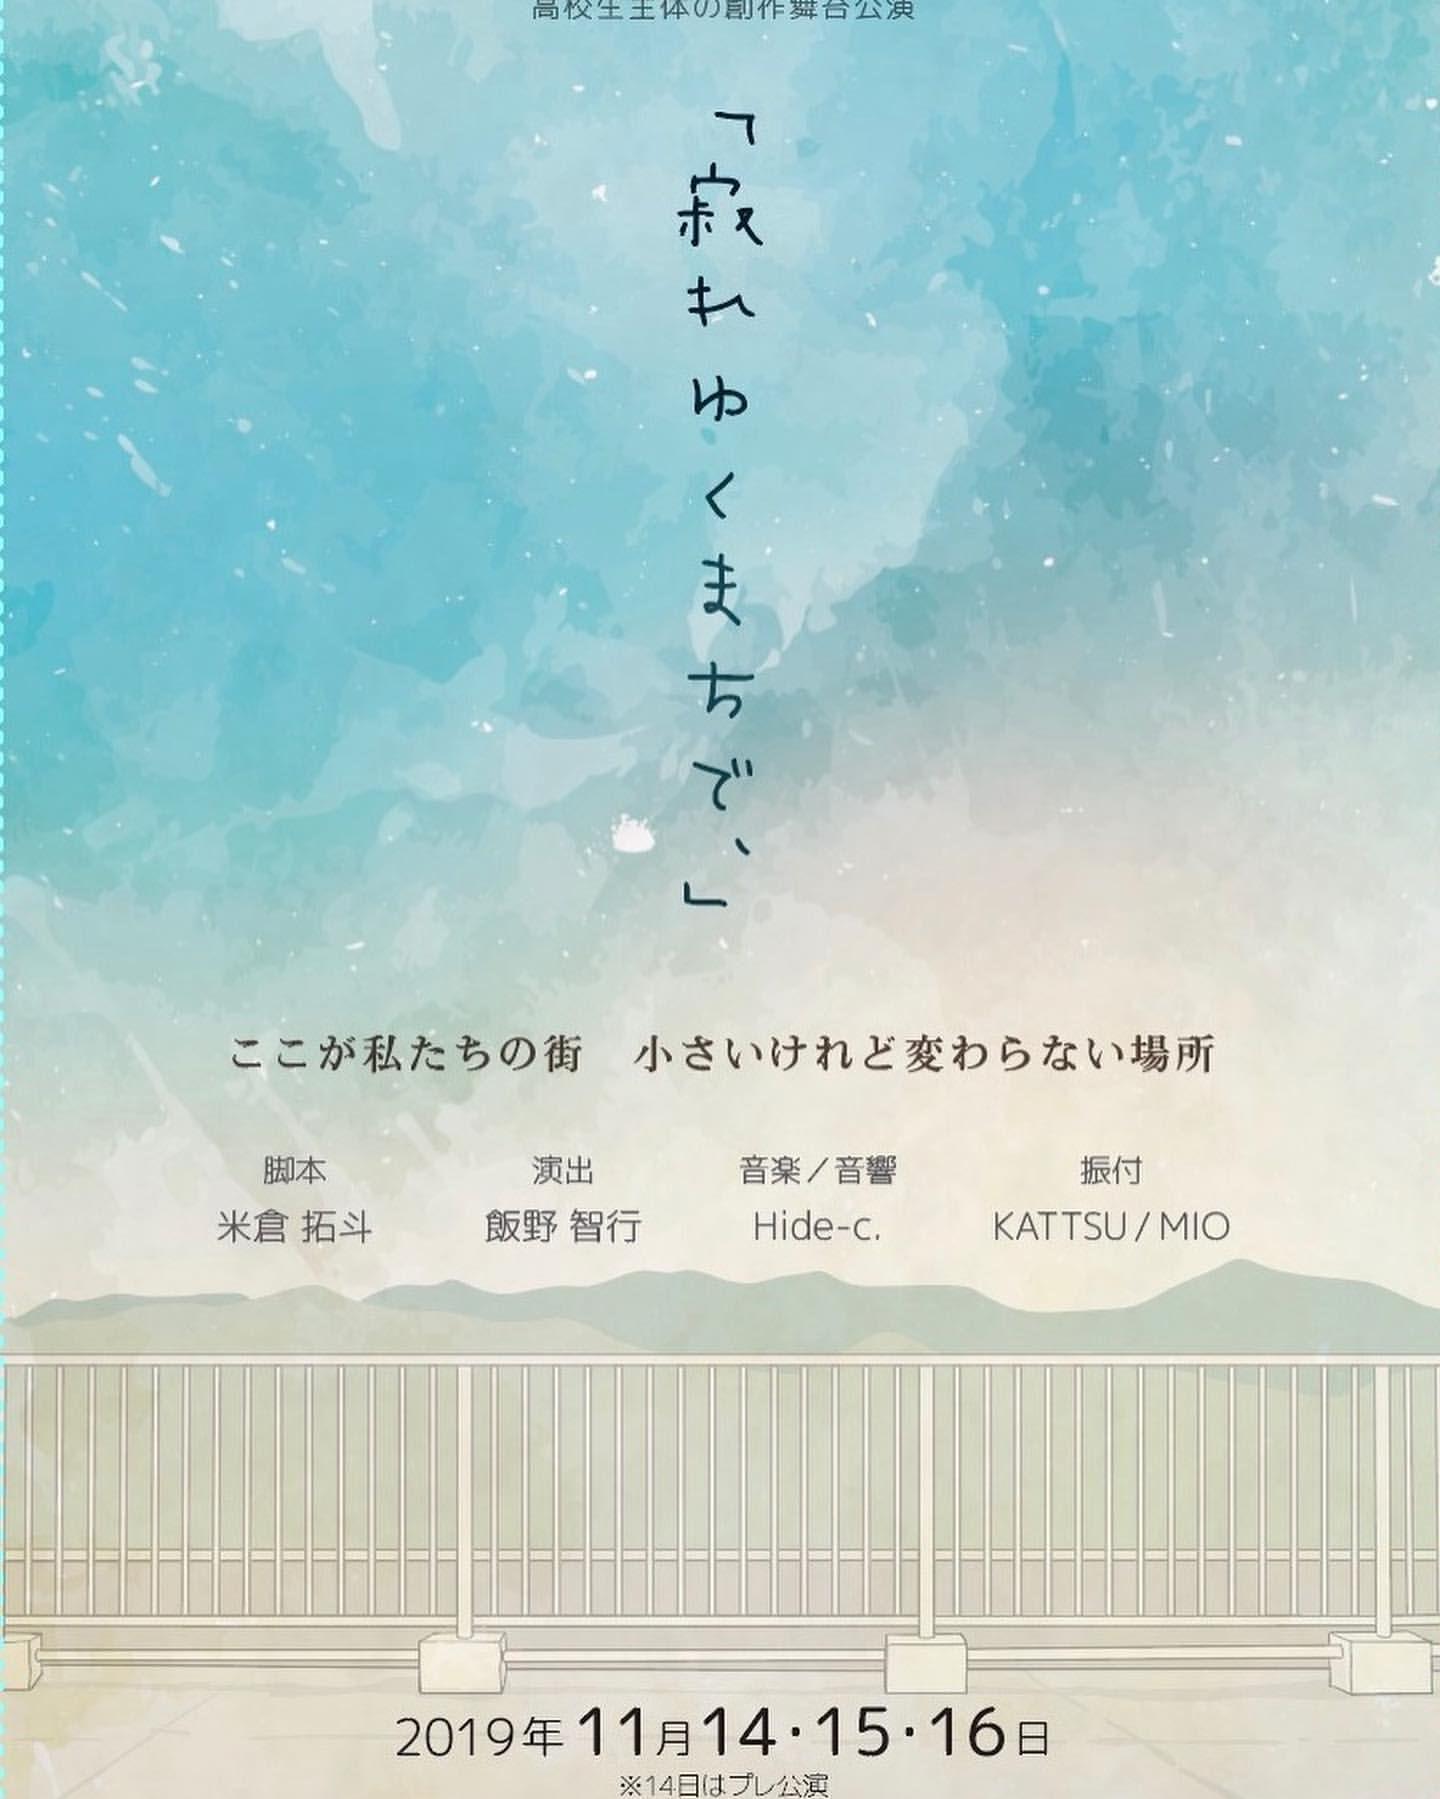 【TGR2019】studio BmyD relat!onsh!p WS公演「寂れゆくまちで、」 イメージ画像